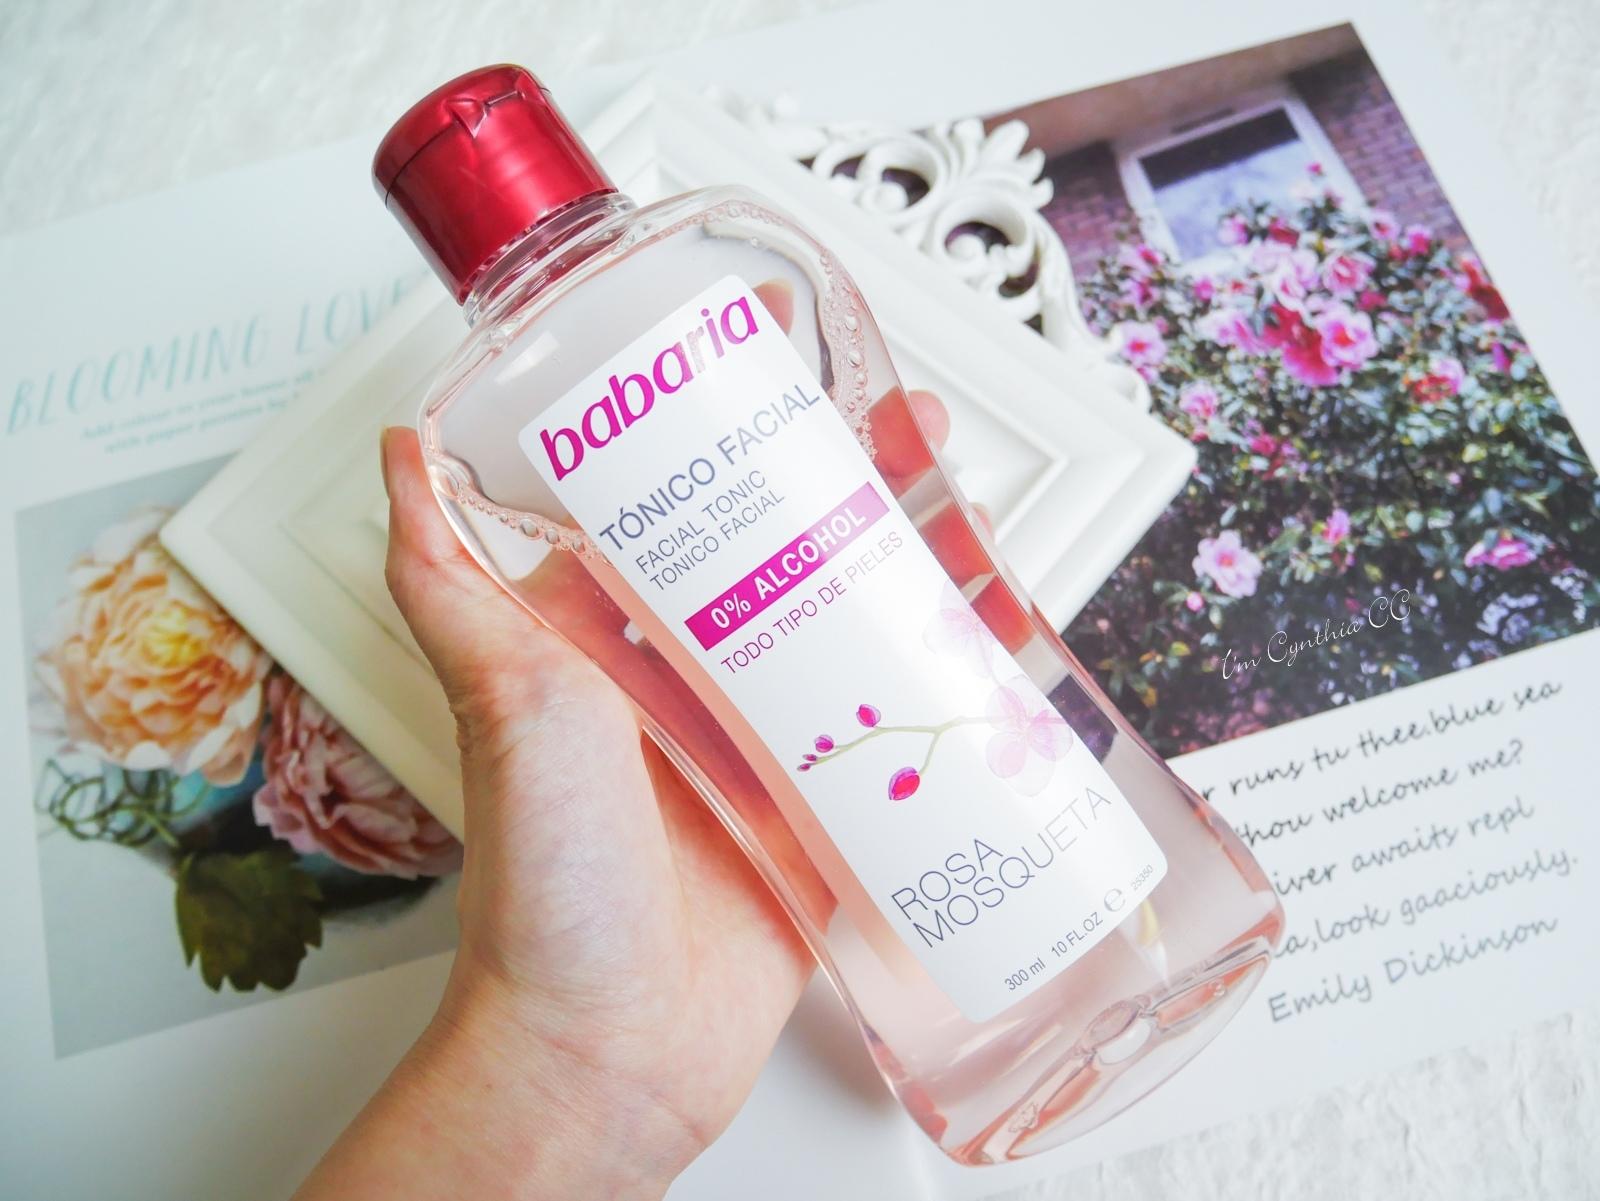 1838歐洲保養 天然植萃保養品│西班牙babaria玫瑰果嫩白舒緩化妝水